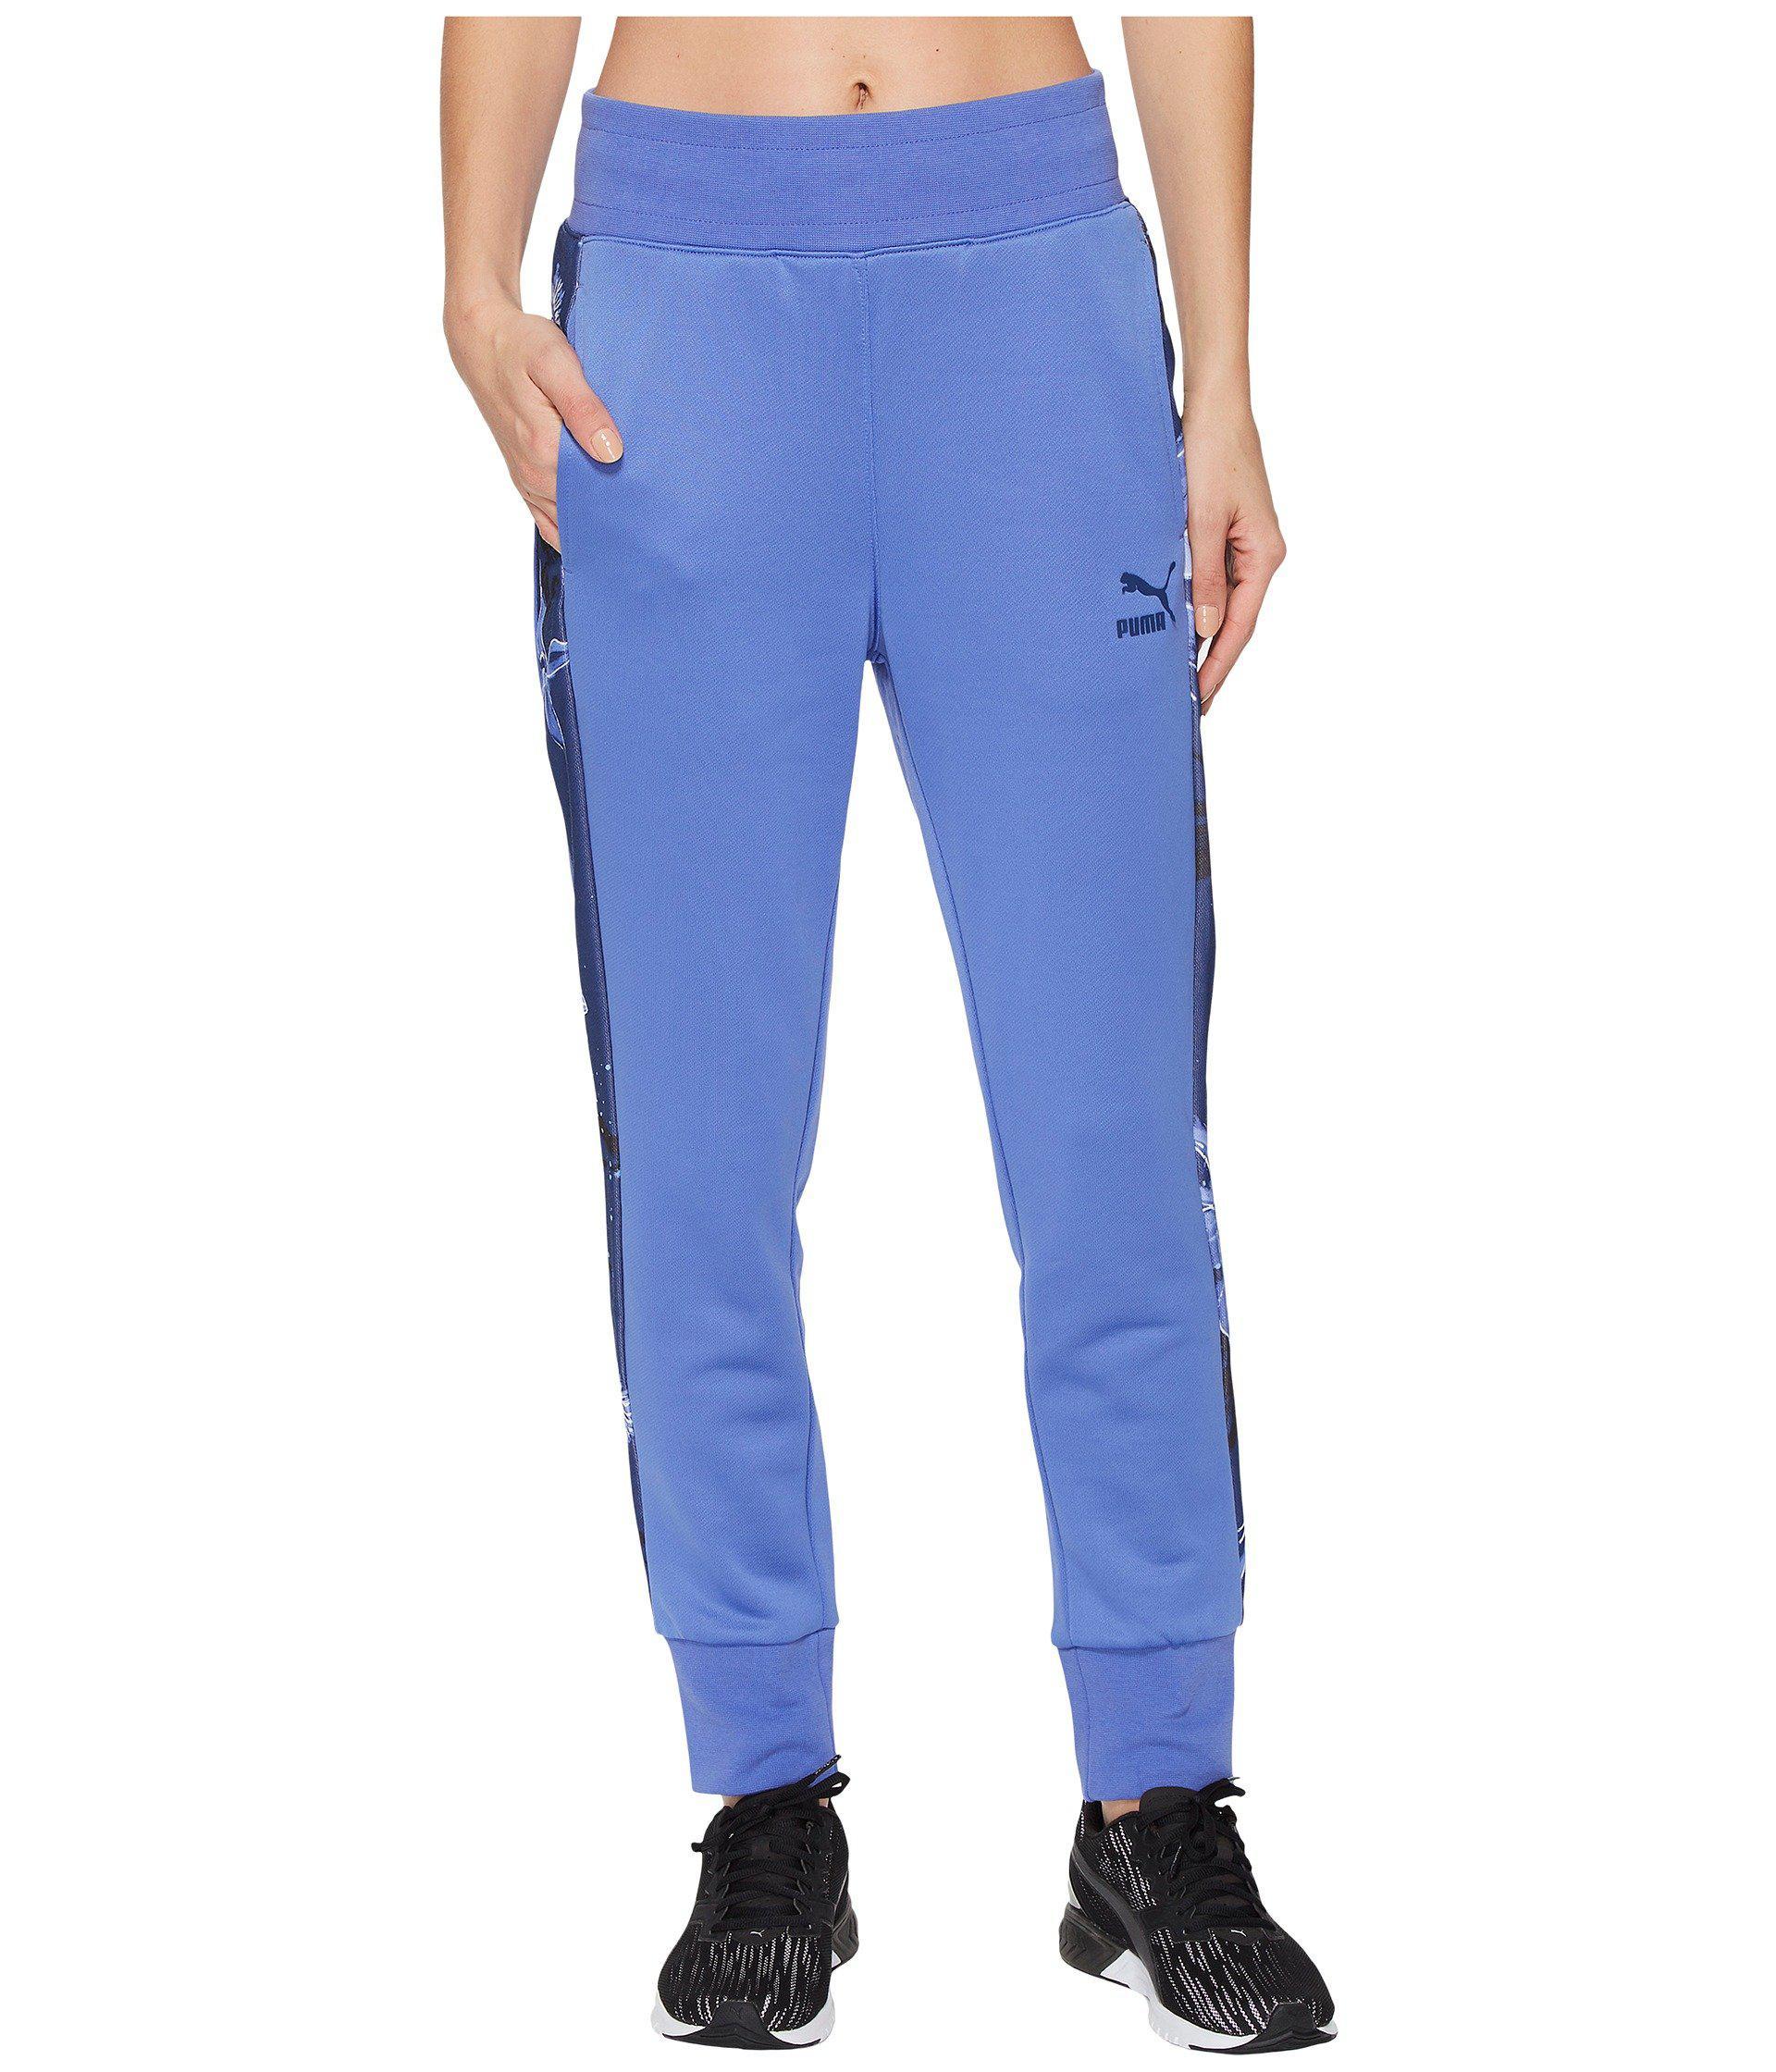 4928de15e485 Lyst - Puma Archive T7 Track Pants in Blue for Men